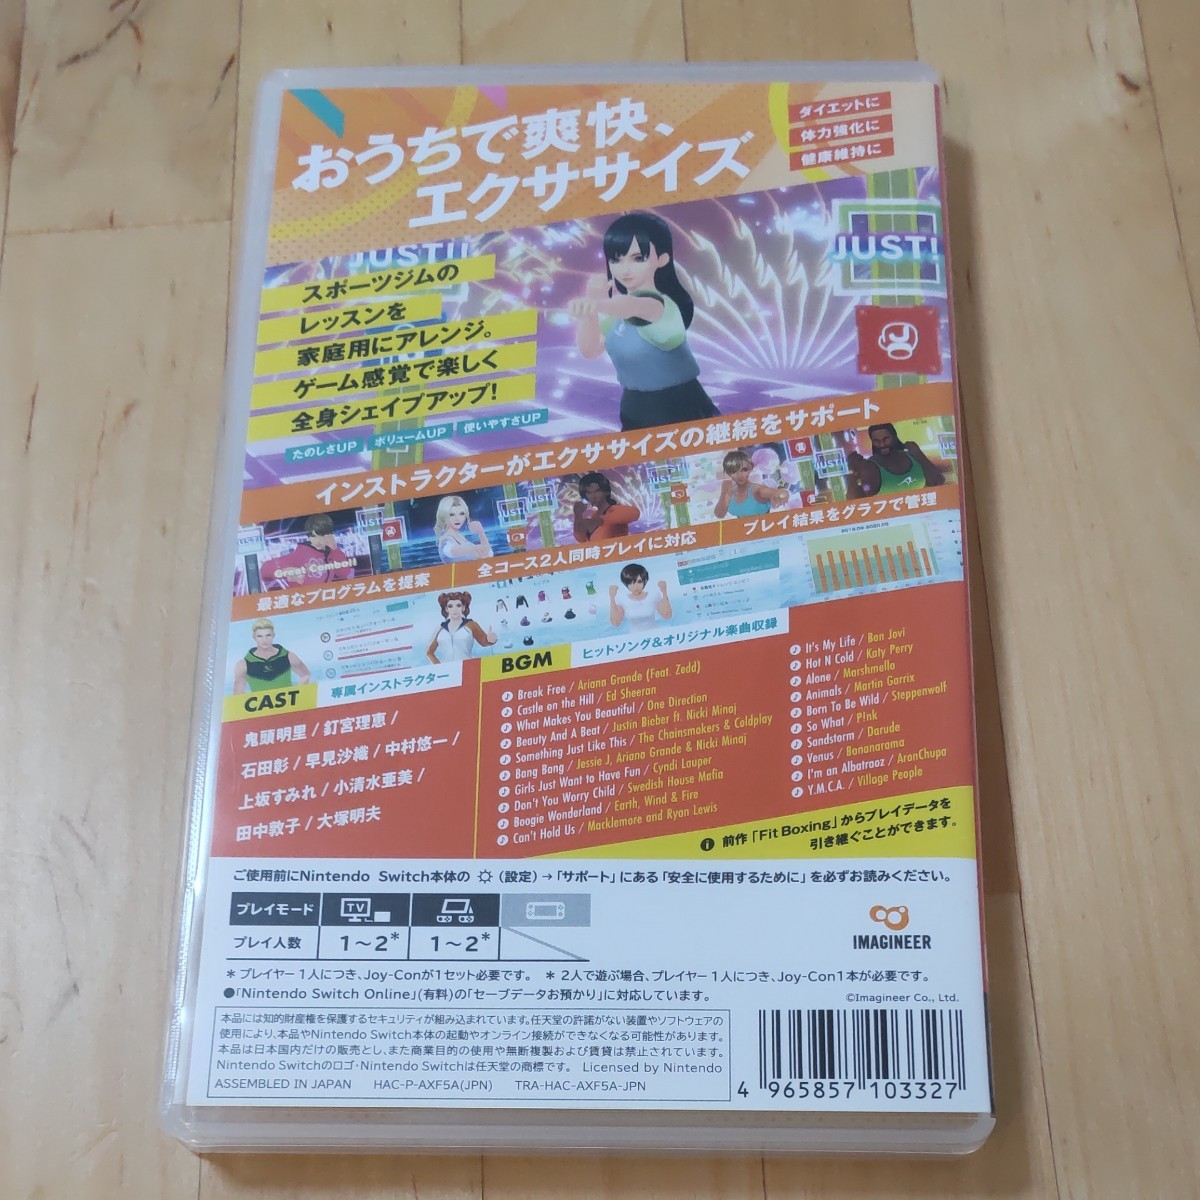 【Switch】フィットボクシング2 スイッチソフト